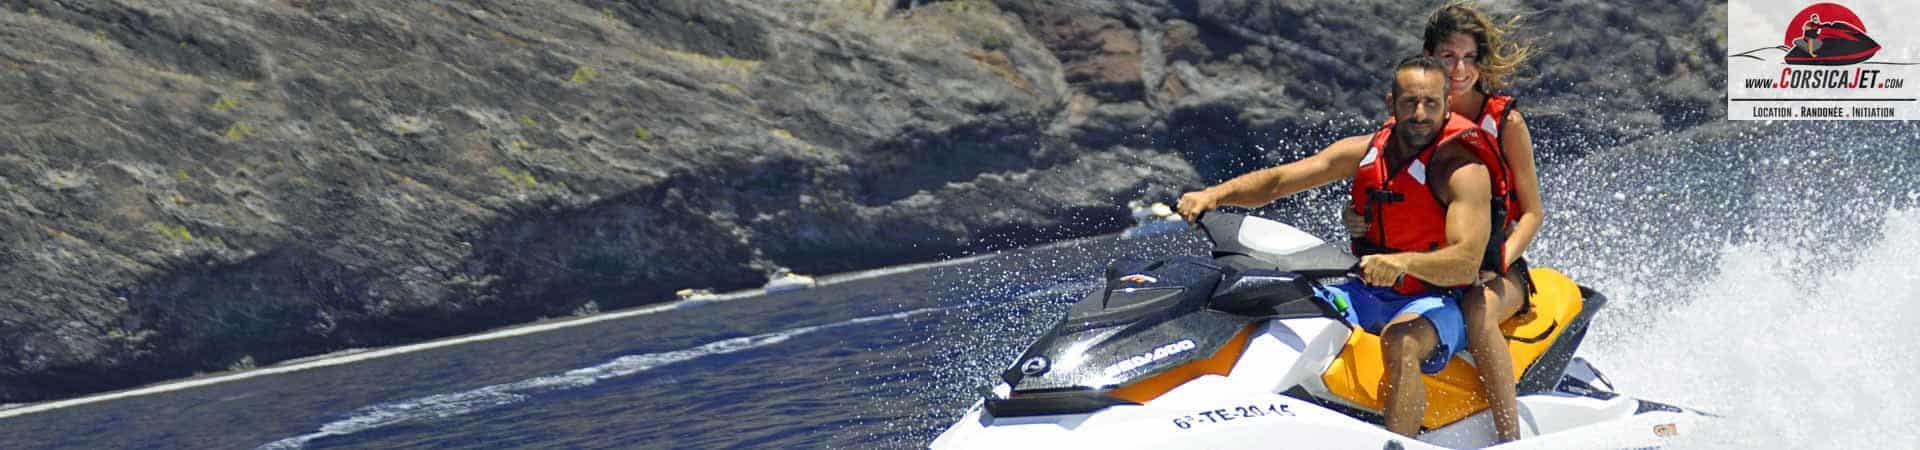 location avec permis 2 corsica jet ski porto vecchio